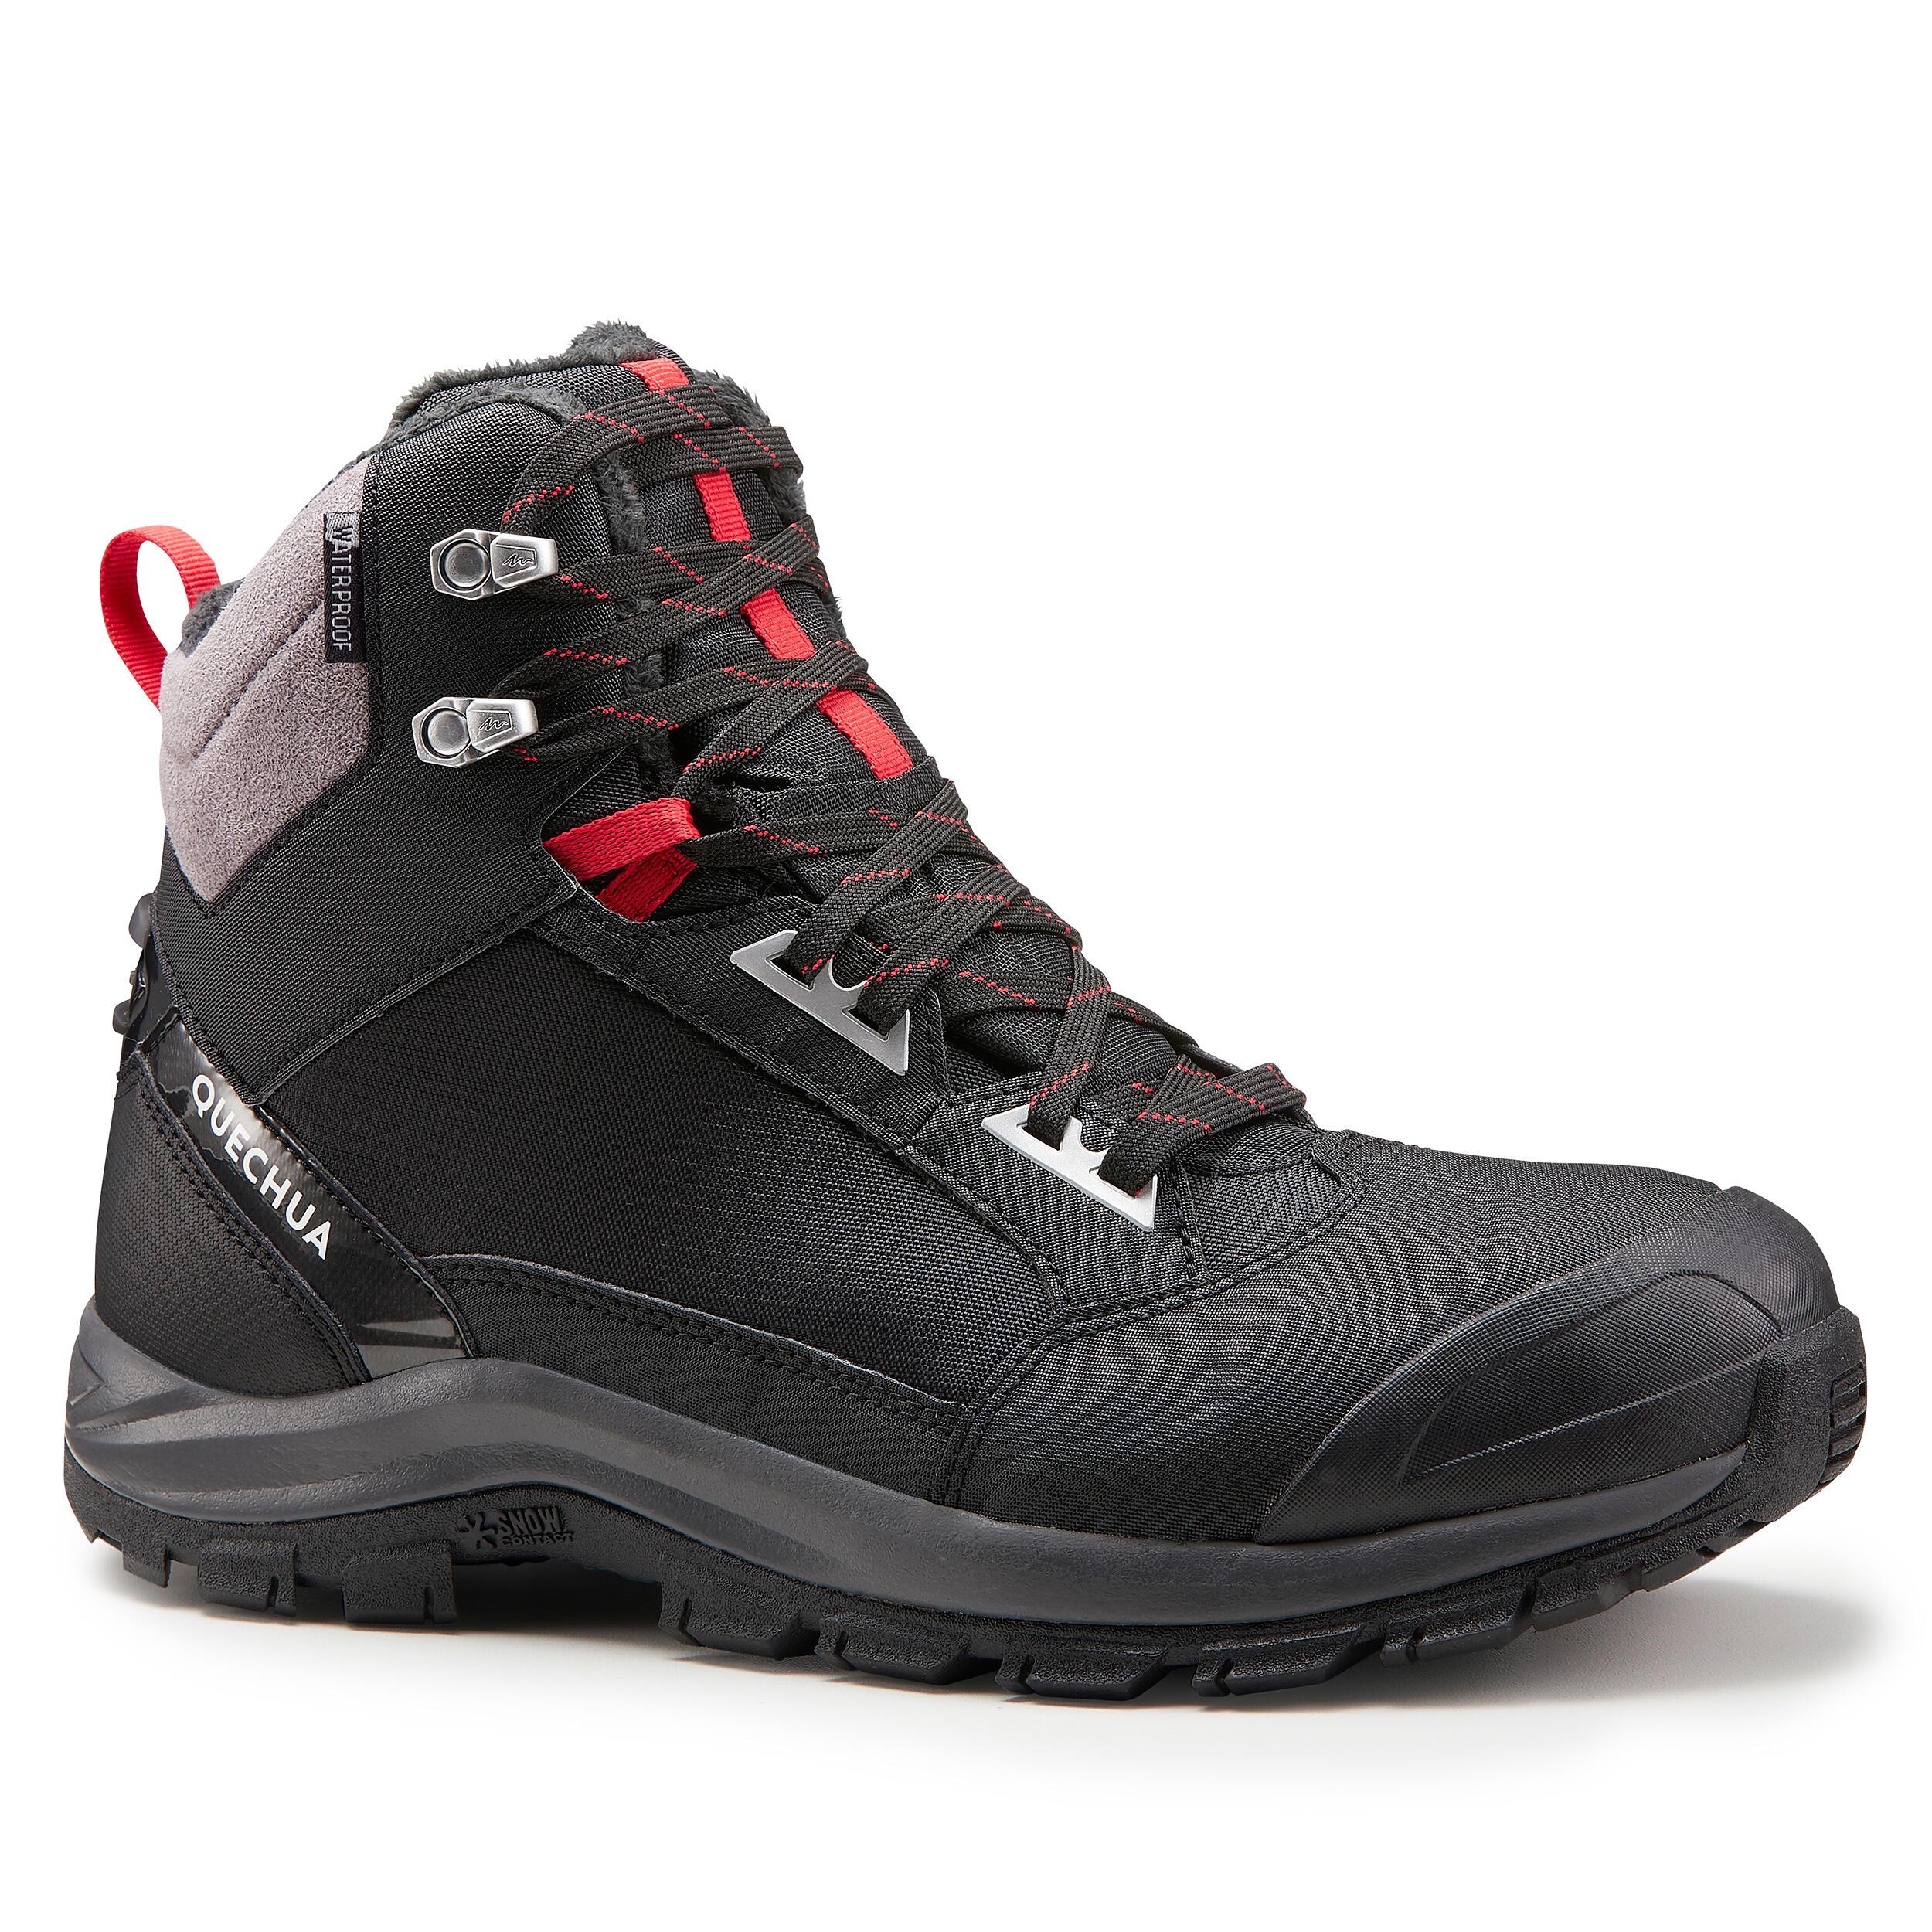 x-warm mid black snow hiking boots